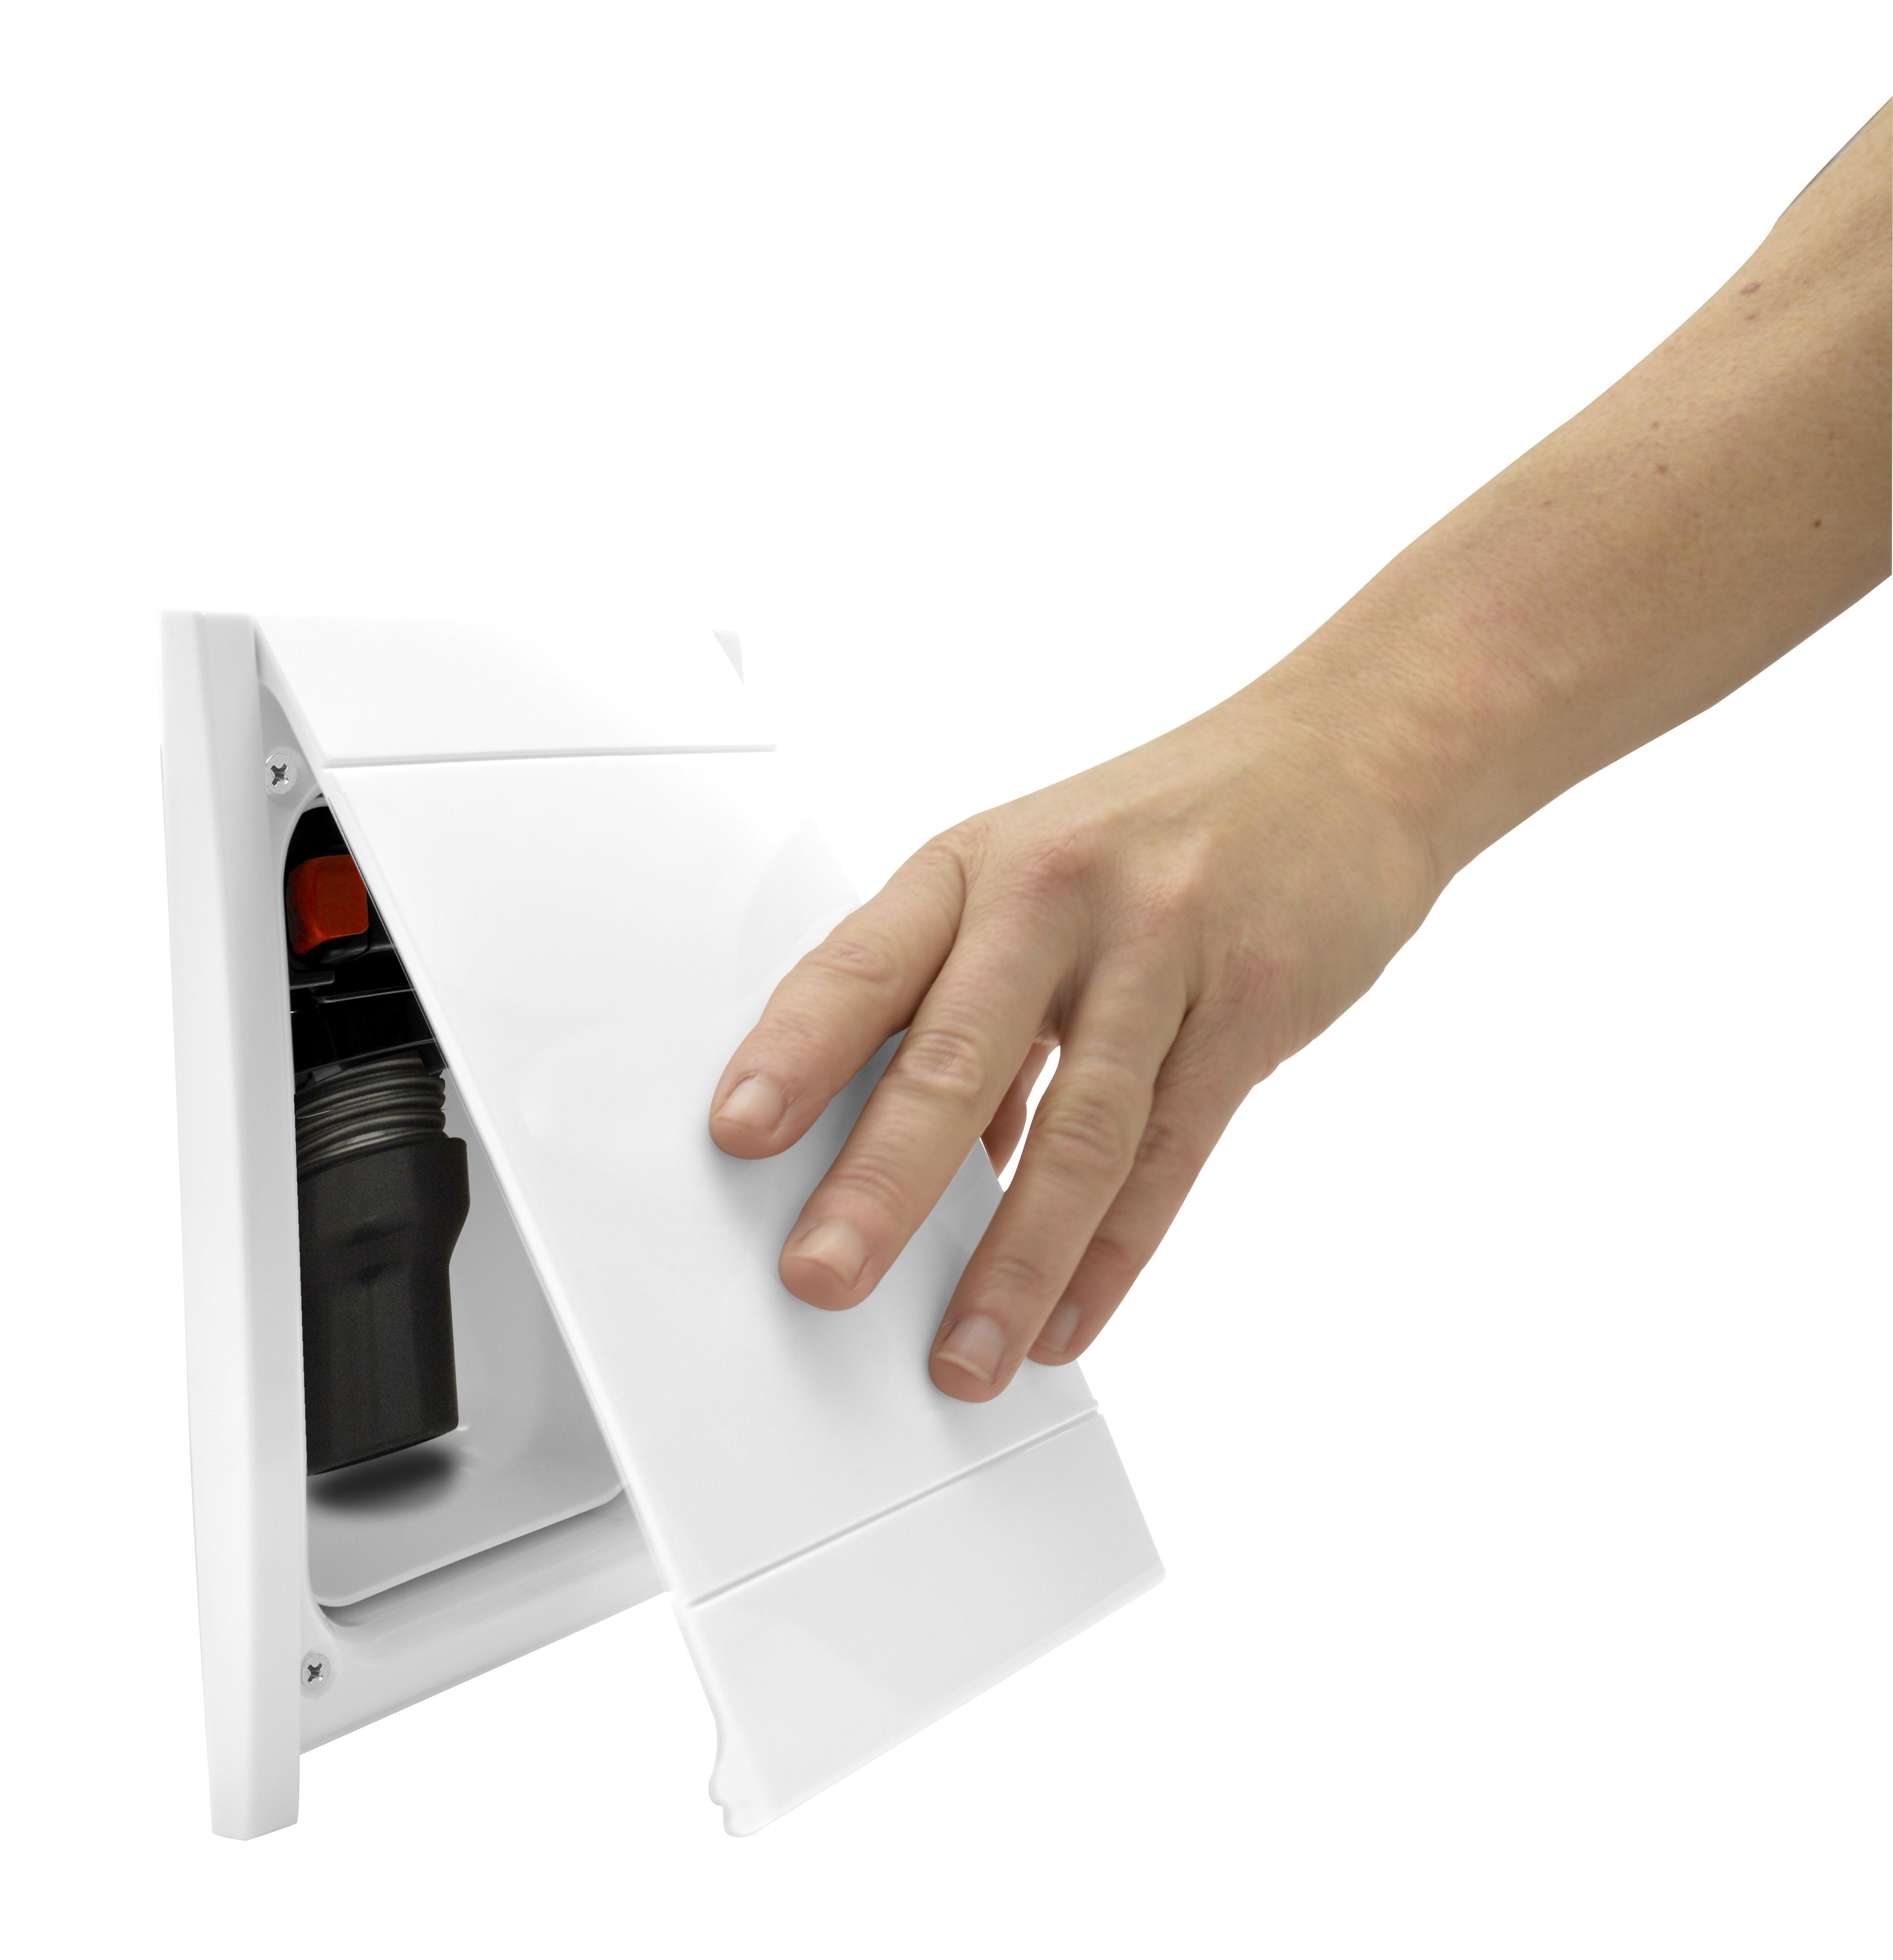 Drzwiczki do kasety gniazda Retraflex II, dowolny kolor RAL